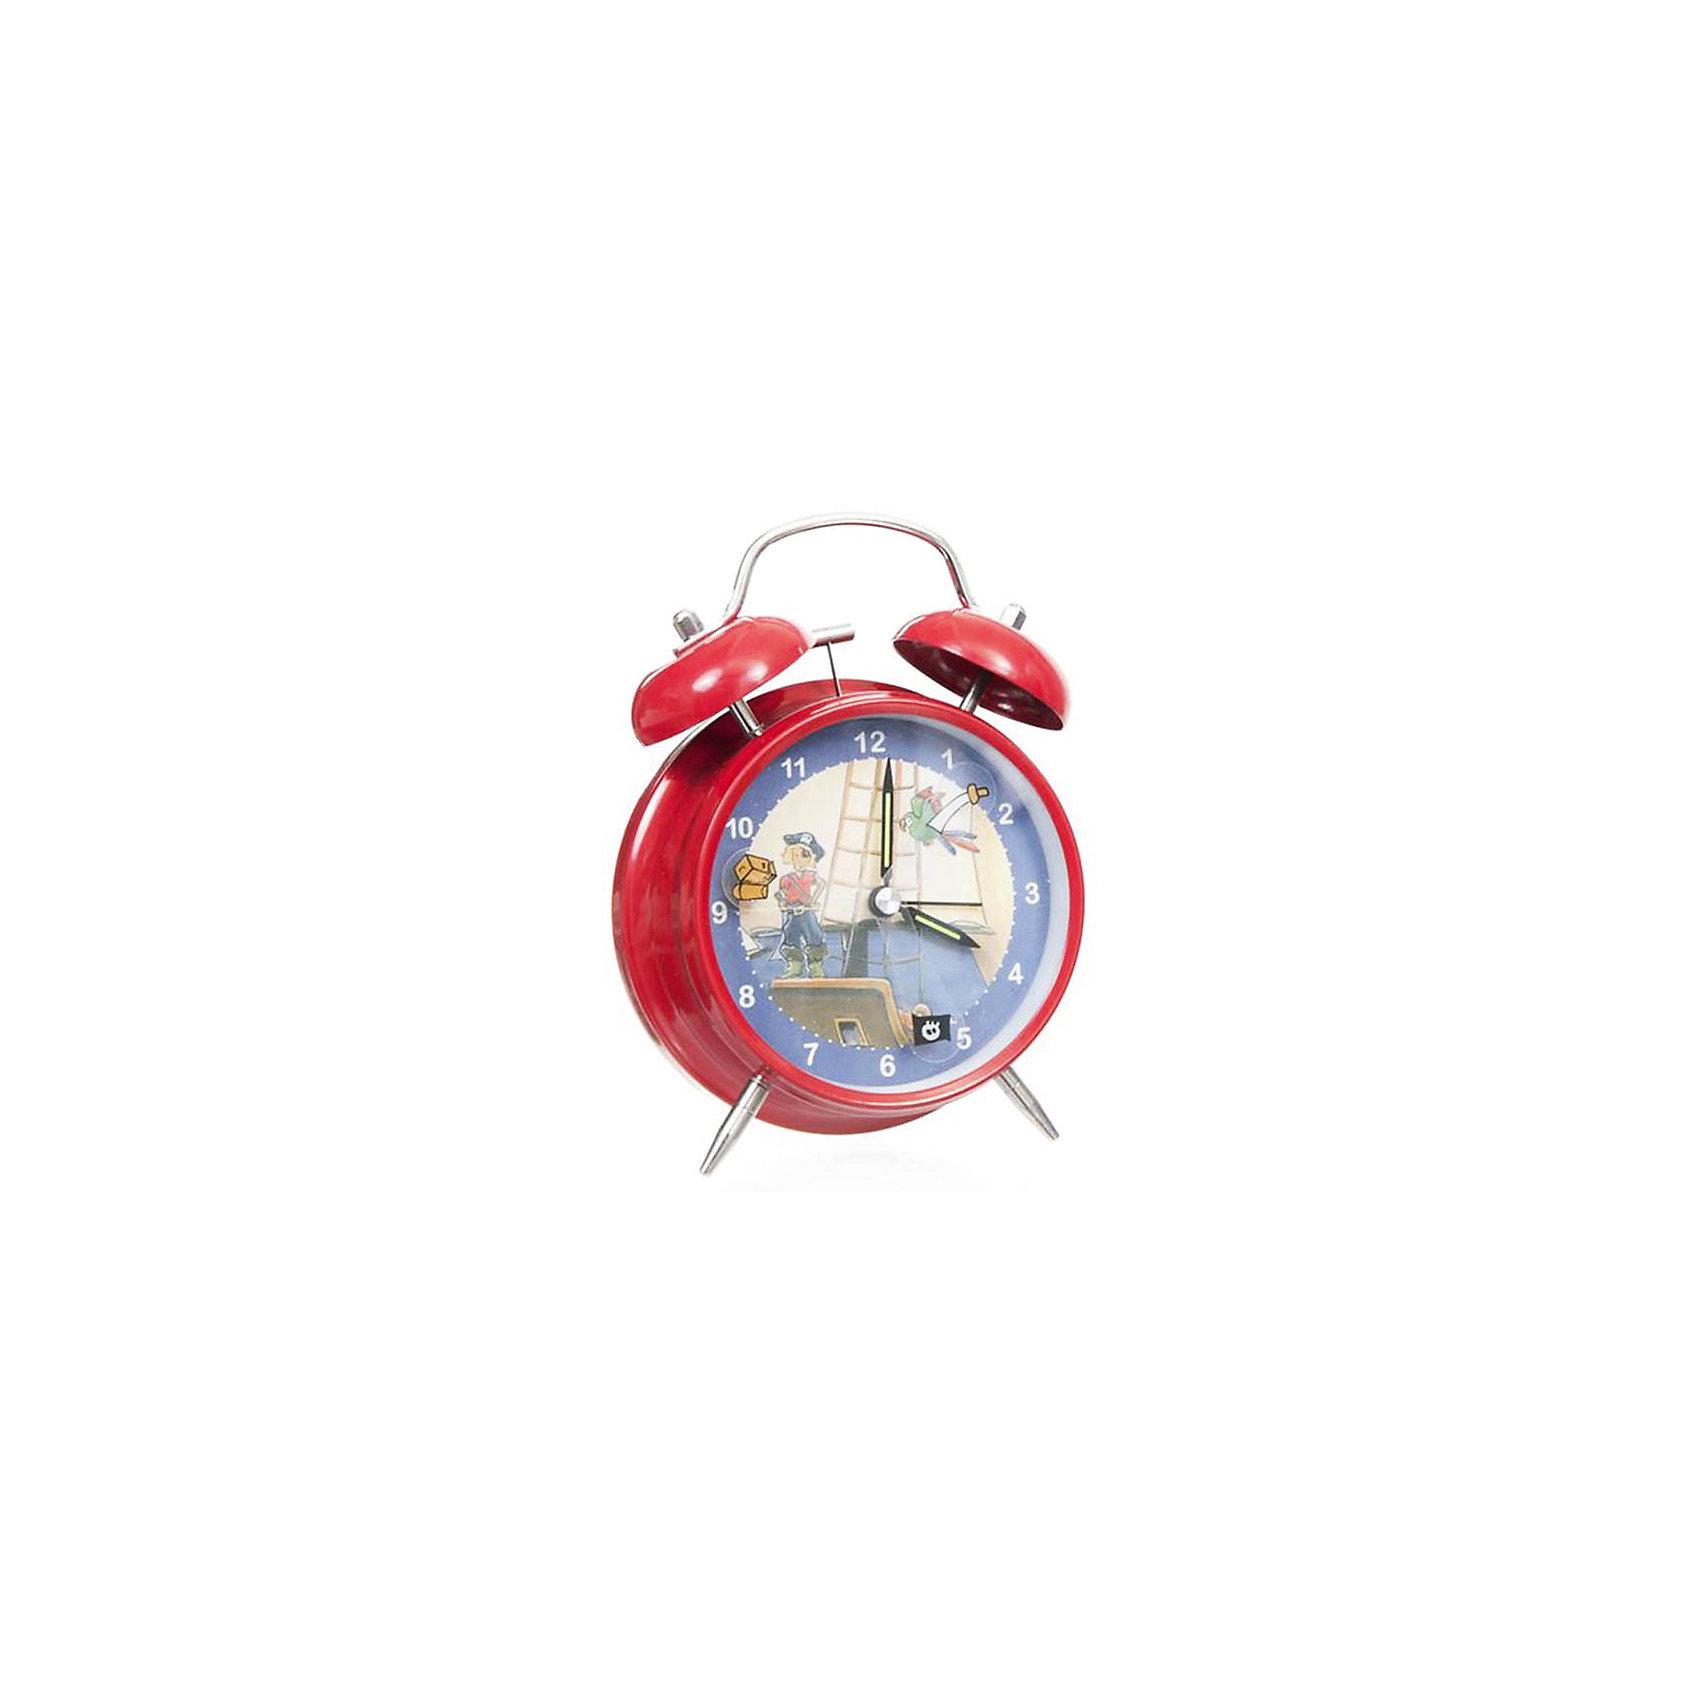 Настольные  часы-будильник  Пират электрические, EgmontПредметы интерьера<br>Настольные  часы-будильник Пират электрические, Egmont<br><br>Характеристики:<br><br>• Цвет: синий, красный<br>• Диаметр будильника: 12 см<br>• Возраст: от 3 лет<br>• Материал: металл, пластик<br>• Батарейки: AA / LR6 1.5V (пальчиковые)<br><br>Красивый будильник со смелым и любящим приключения пиратом станет отличным помощником для малыша. С таким будильником просыпаться в детский садик или школу будет интересно и весело. Часы не тикают, так как имеют встроенный бесшумный механизм, который способствует комфортному сну. Кроме этого на циферблате есть подсветка, которая поможет ребенку понять время, когда он внезапно проснулся ночью. Будильник изготовлен из качественного материала и безопасен для ребенка.<br><br>Настольные  часы-будильник Пират электрические, Egmont можно купить в нашем интернет-магазине.<br><br>Ширина мм: 120<br>Глубина мм: 120<br>Высота мм: 120<br>Вес г: 300<br>Возраст от месяцев: 36<br>Возраст до месяцев: 1188<br>Пол: Мужской<br>Возраст: Детский<br>SKU: 5163415